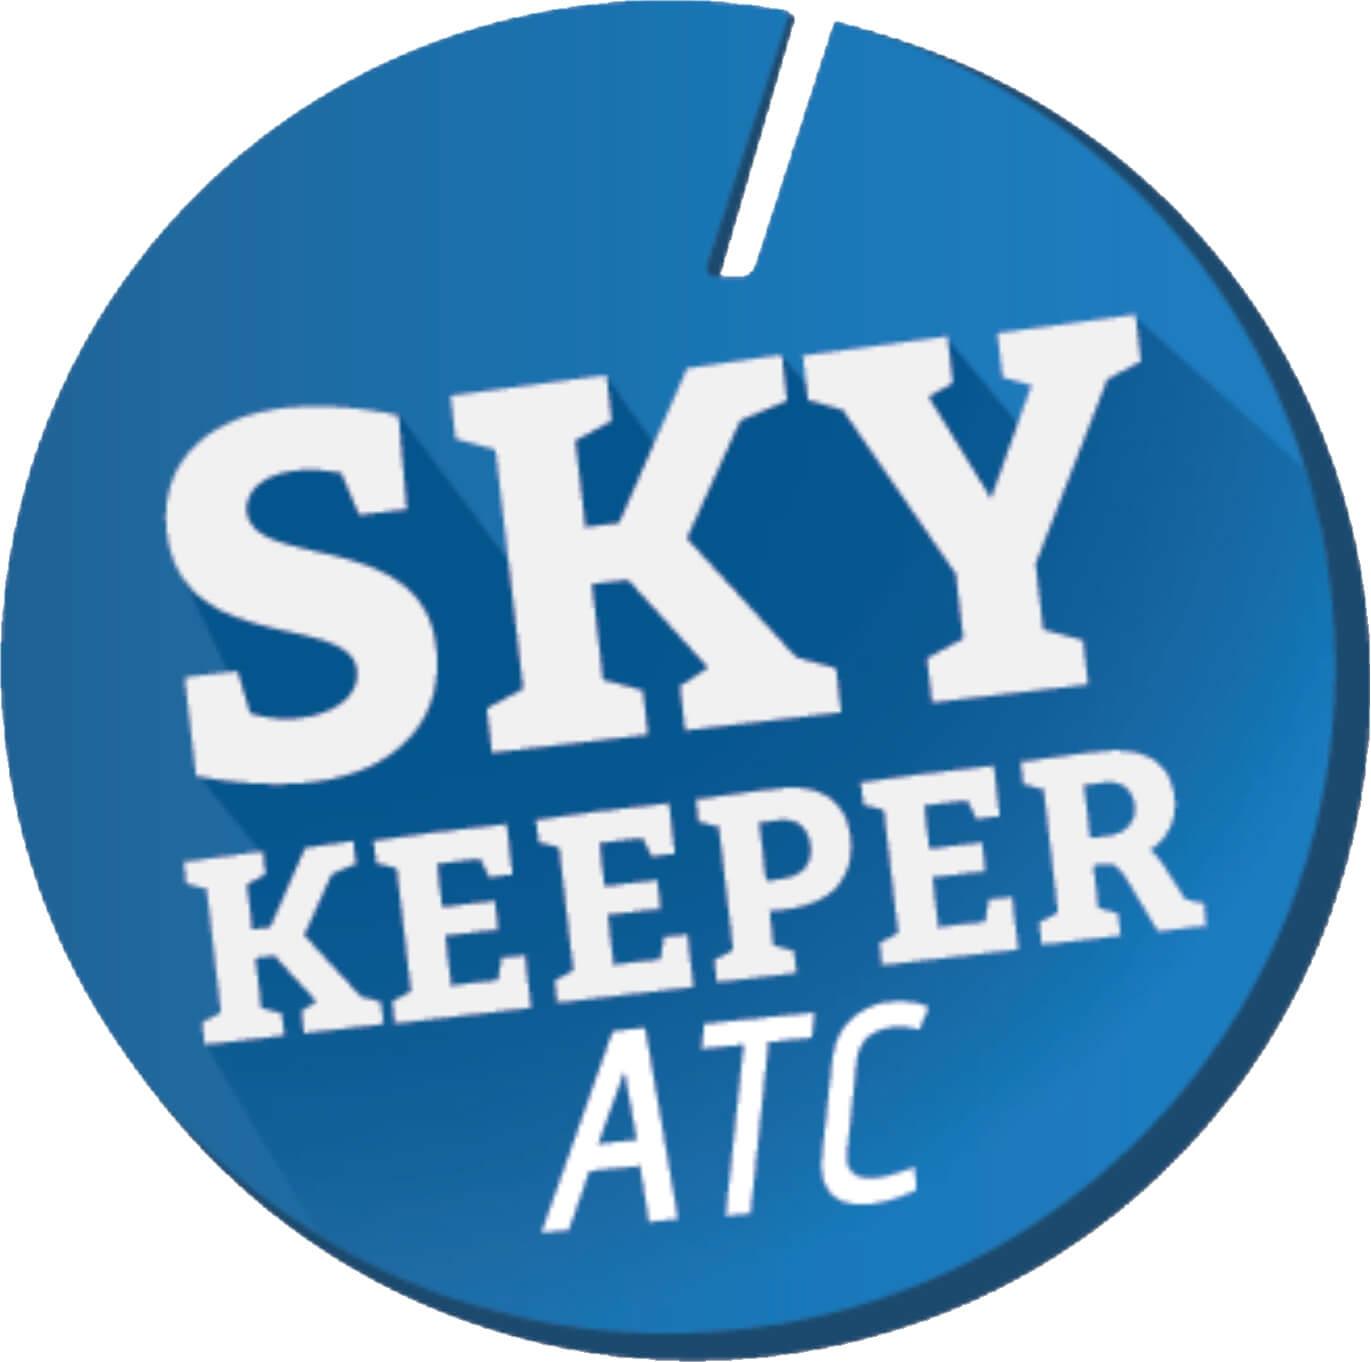 SkyKeeper